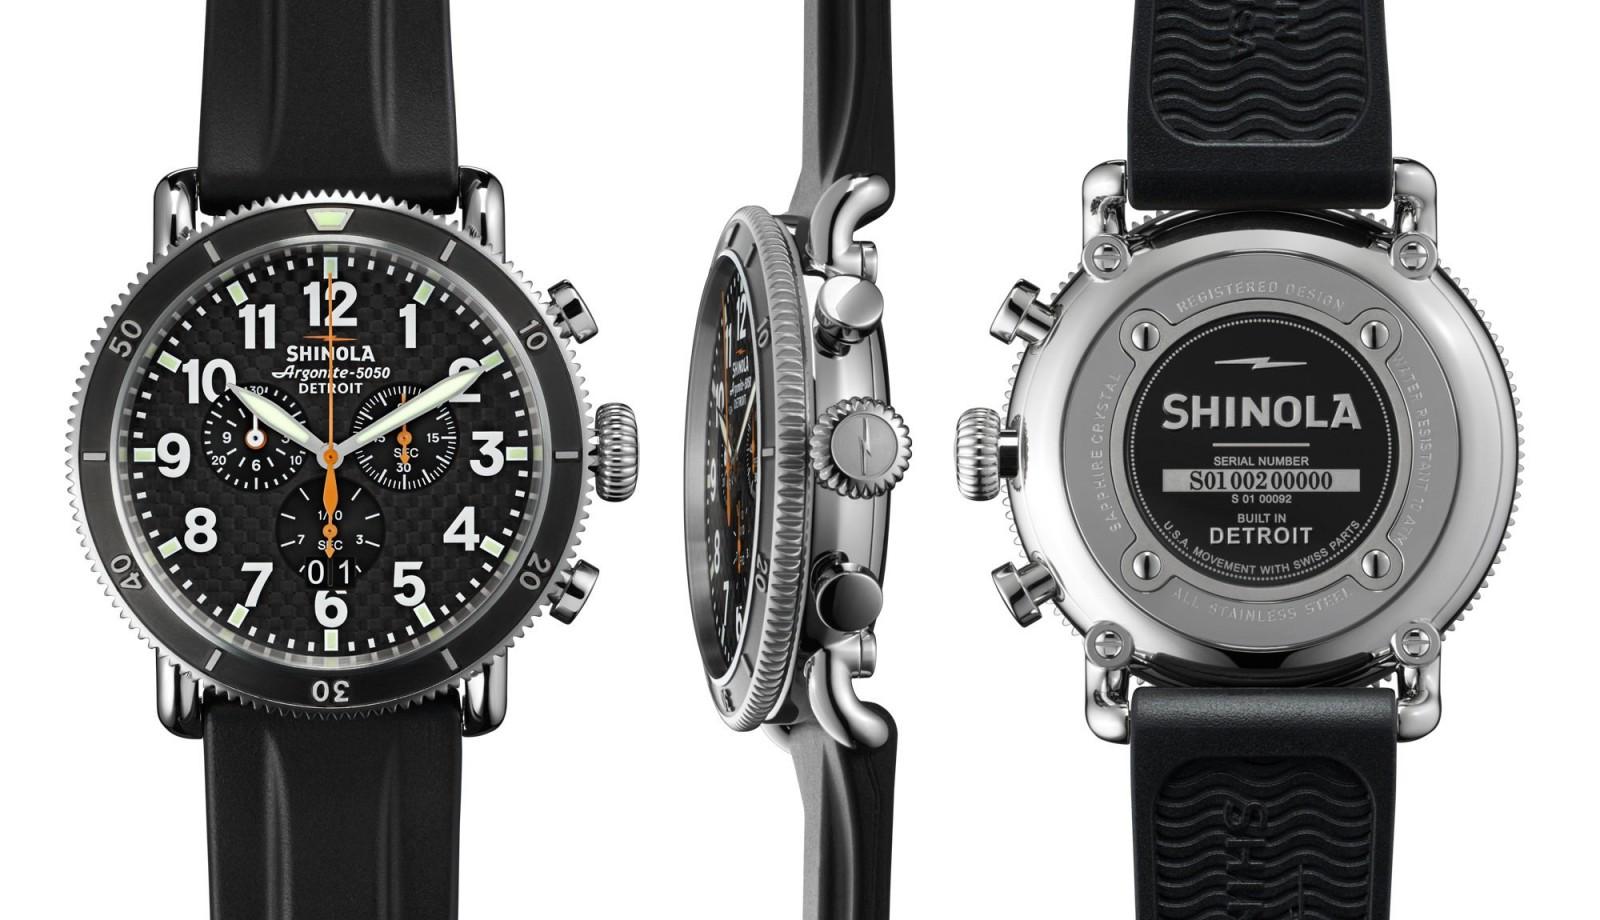 8 thương hiệu đồng hồ nổi tiếng bạn cần biết5